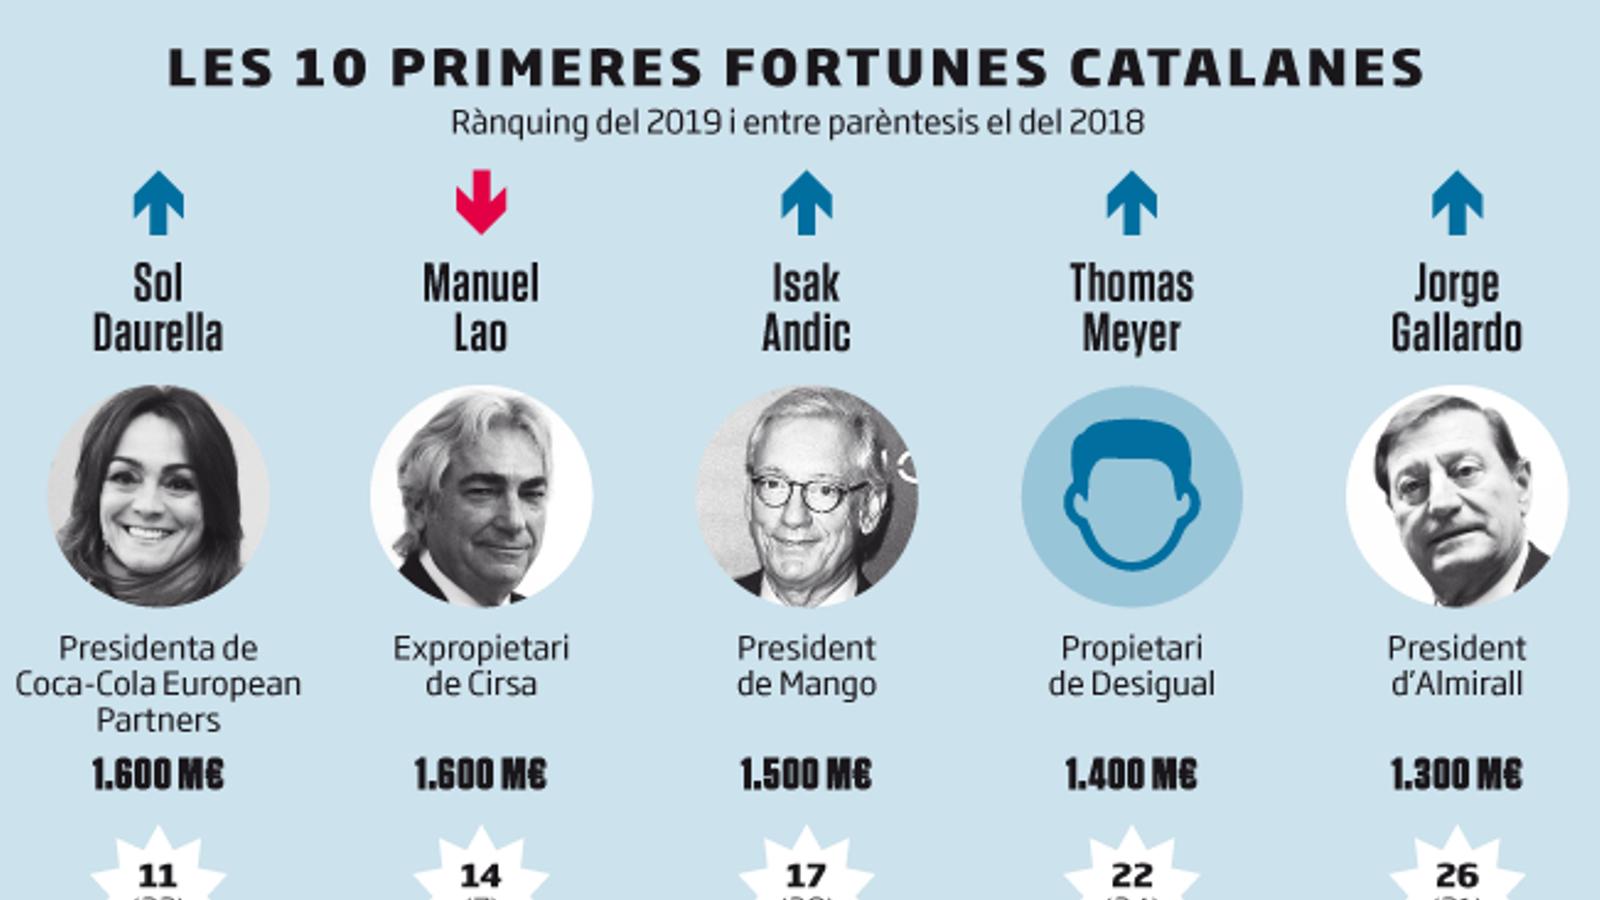 Els superrics catalans escalen posicions en el rànquing de les grans fortunes